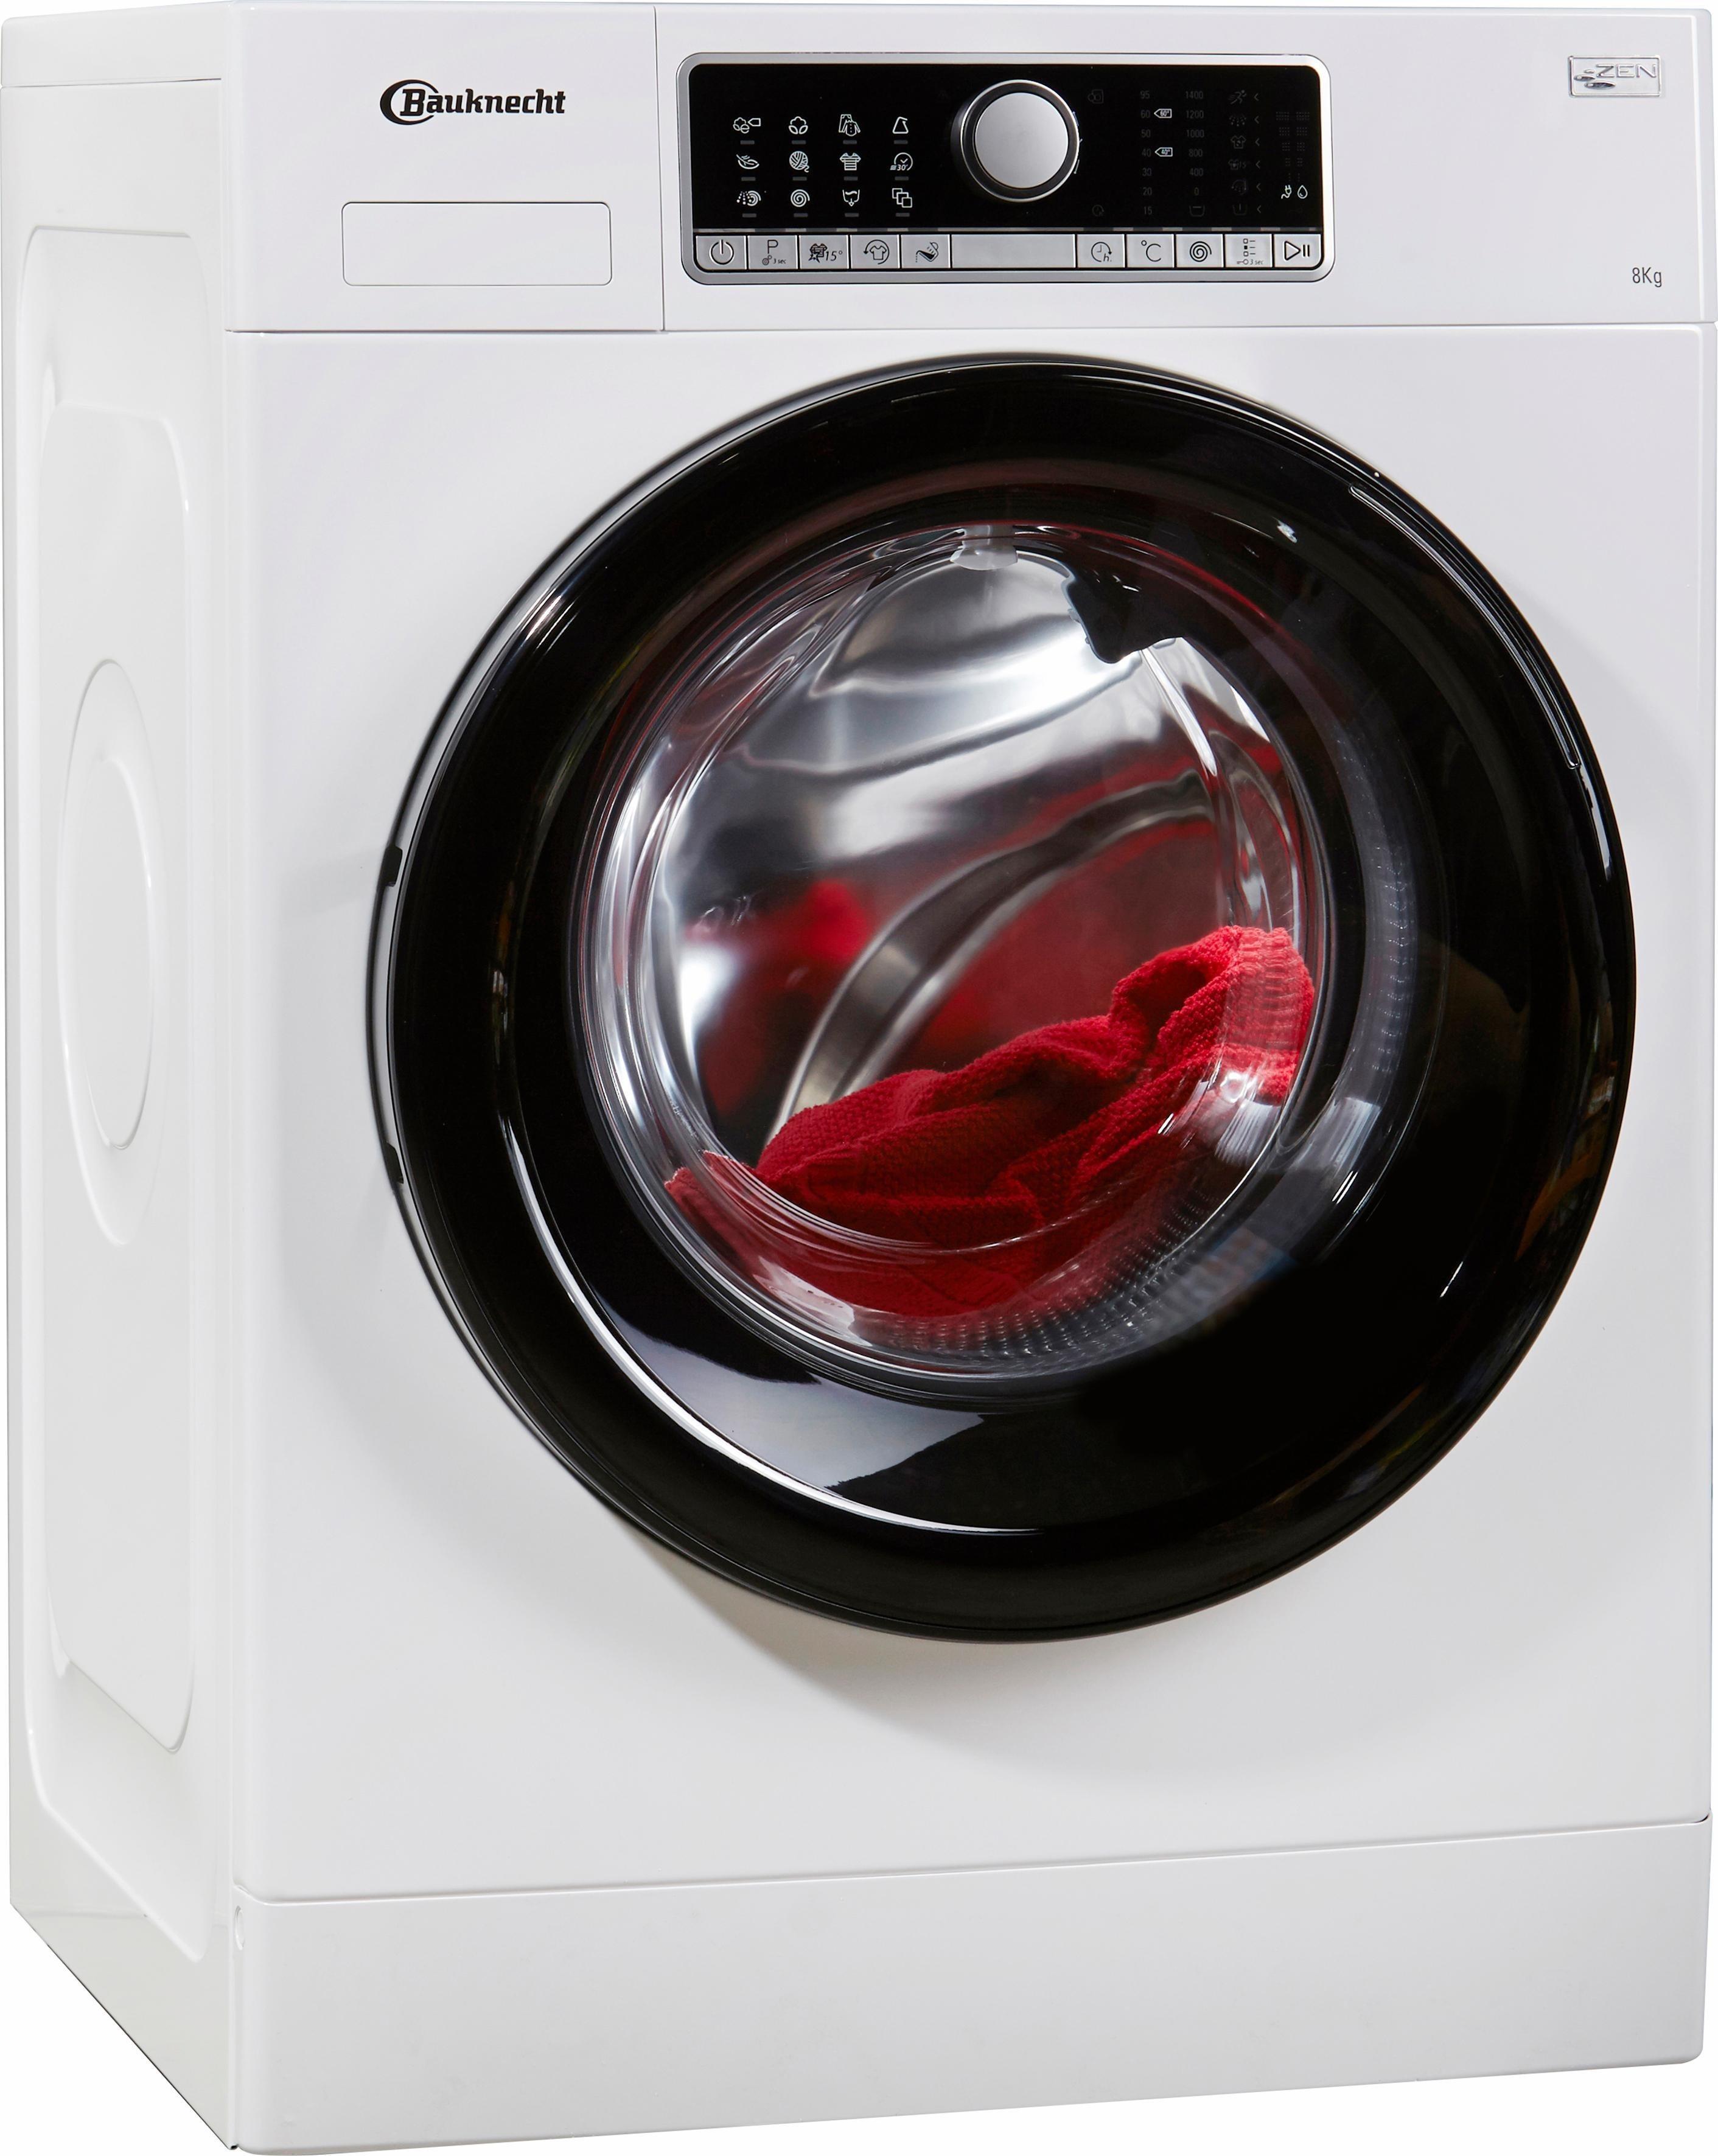 BAUKNECHT Waschmaschine WM Style 824 ZEN, 8 kg, 1400 U/Min